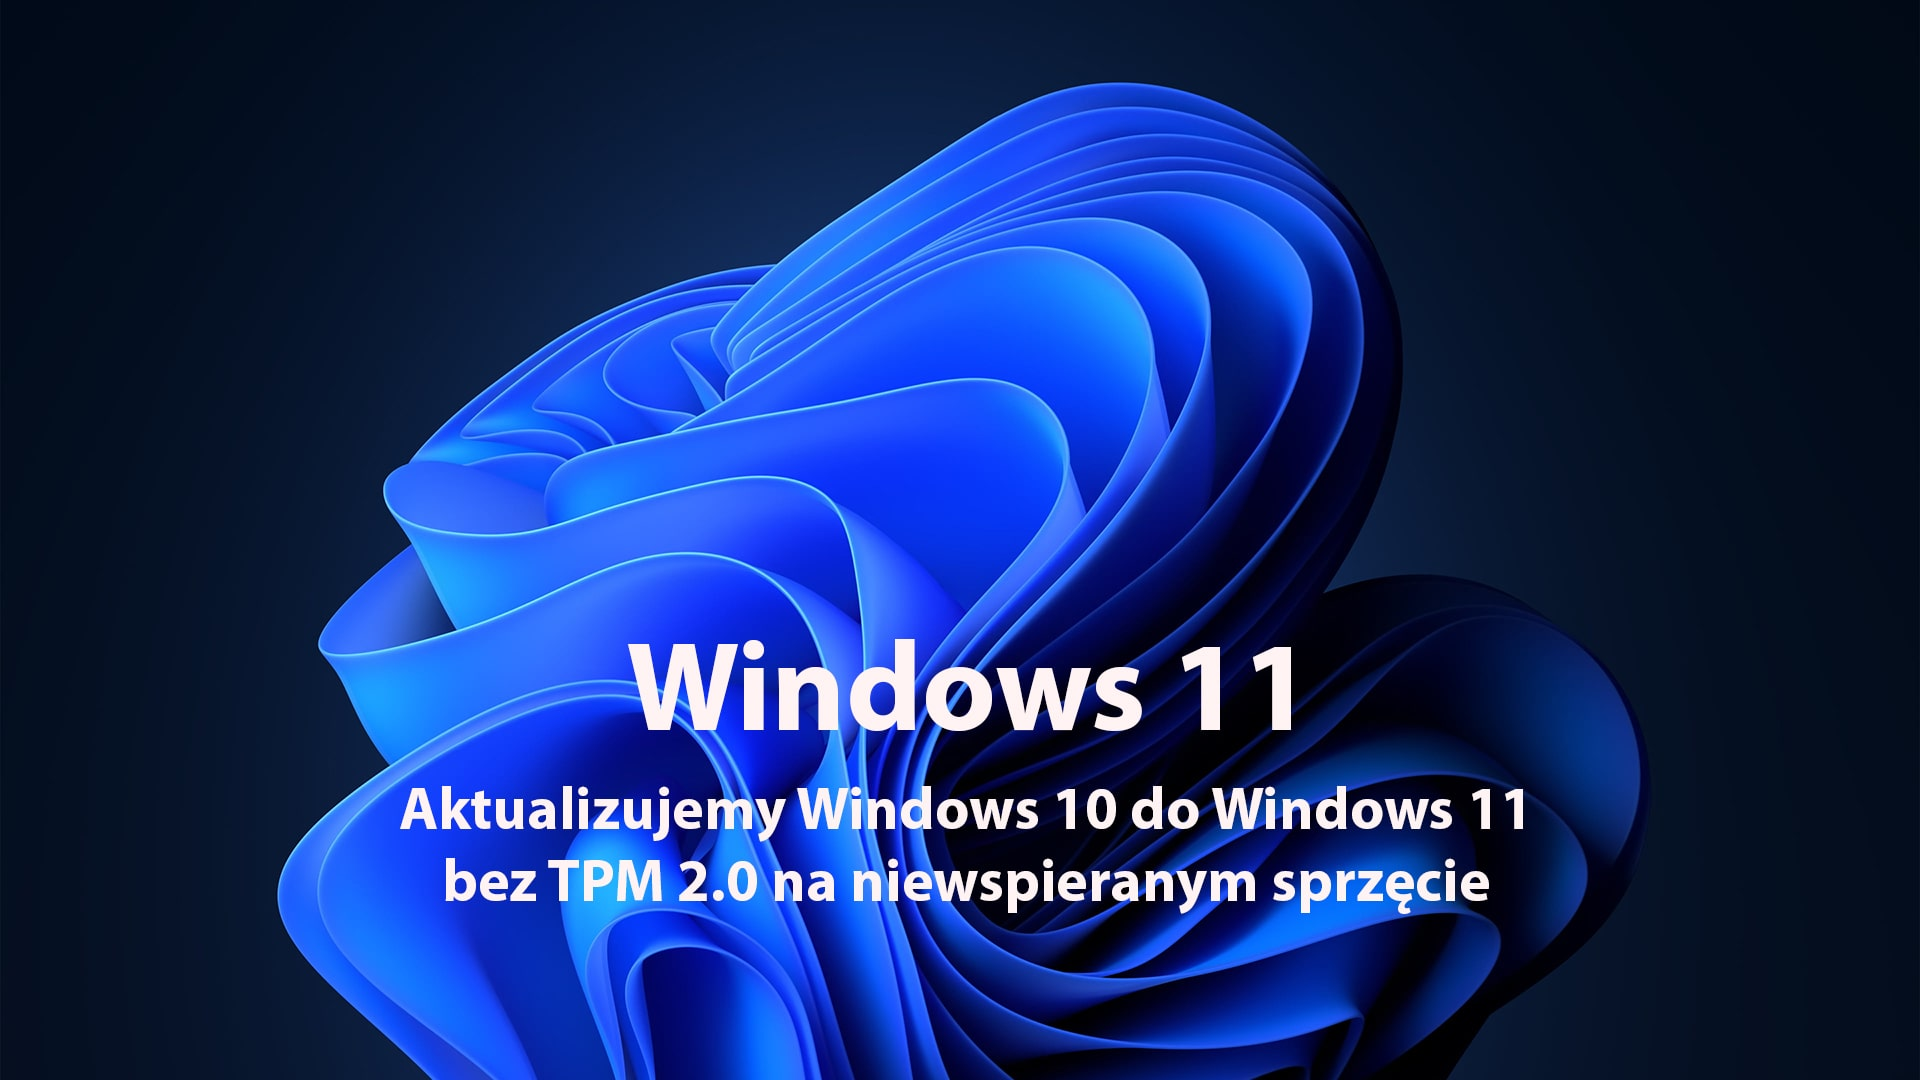 Aktualizujemy Windows 10 do Windows 11 bez TPM 2.0 na niewspieranym sprzęcie